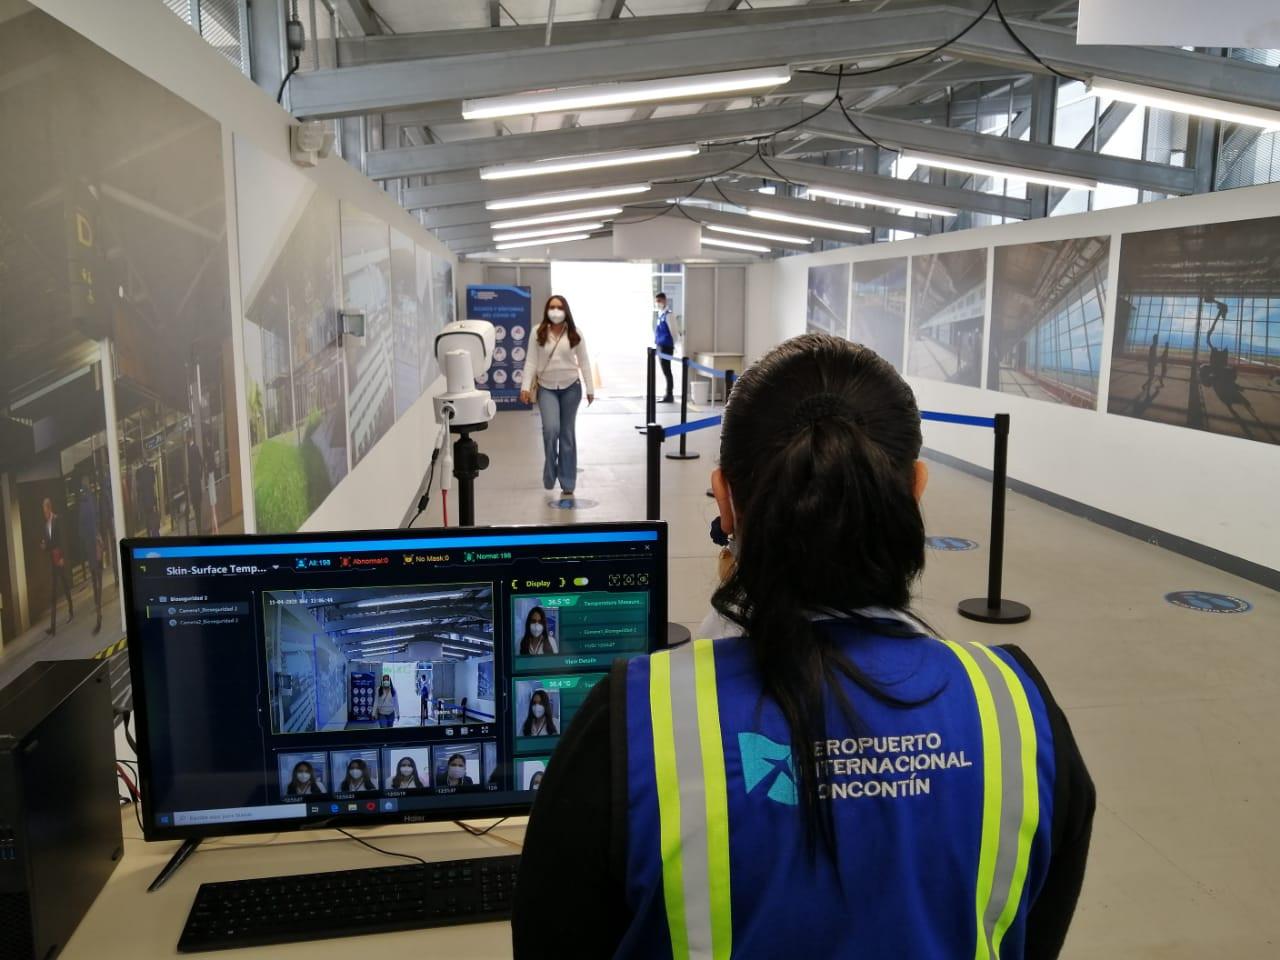 Noticias-Aeropuerto-Tegucigalpa-Honduras-Toncontín-Palmerola implementa innovadores protocolos de bioseguridad en Toncontín